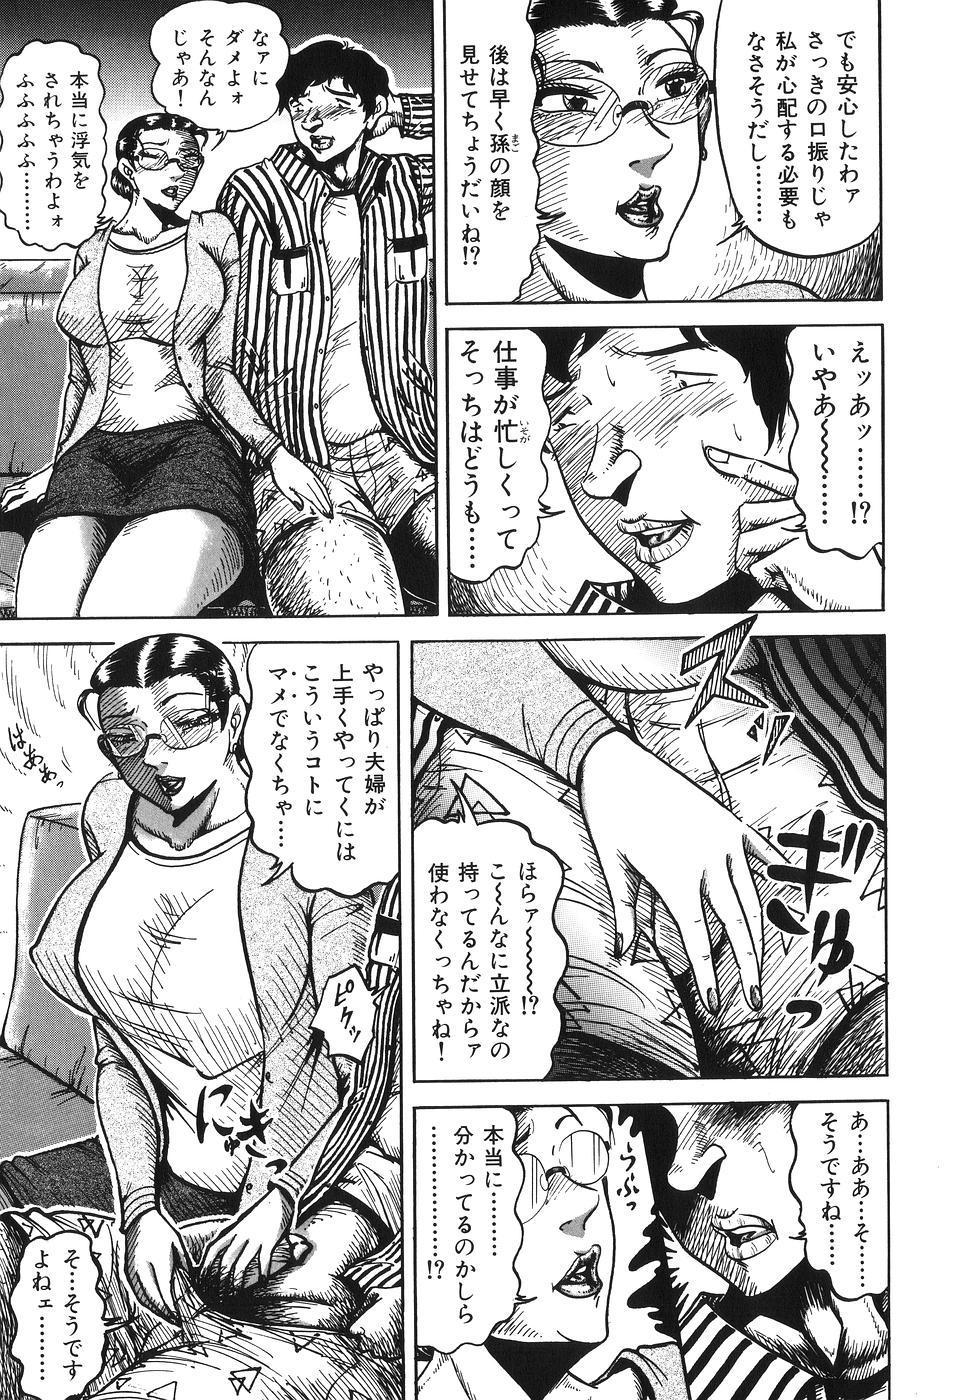 Jukubo Soukan Yosoji no Tawamure 138